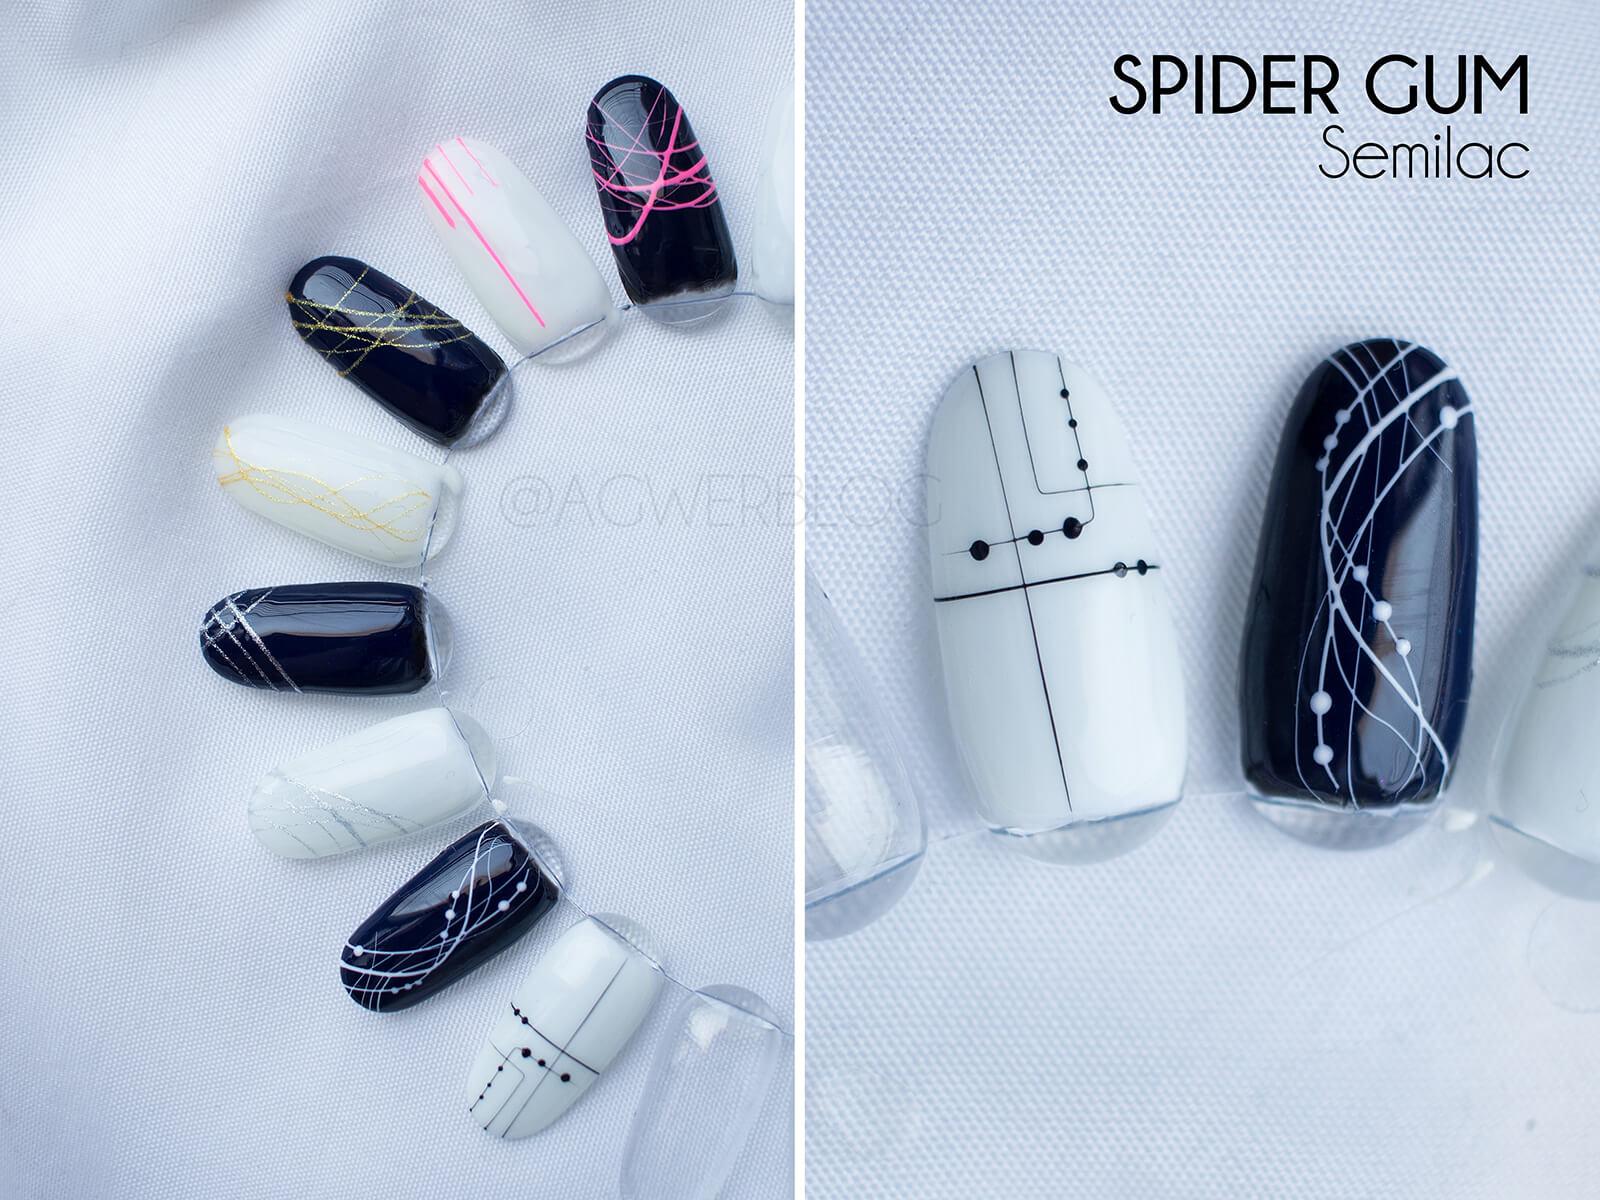 semilac żel do zdobień spider gum